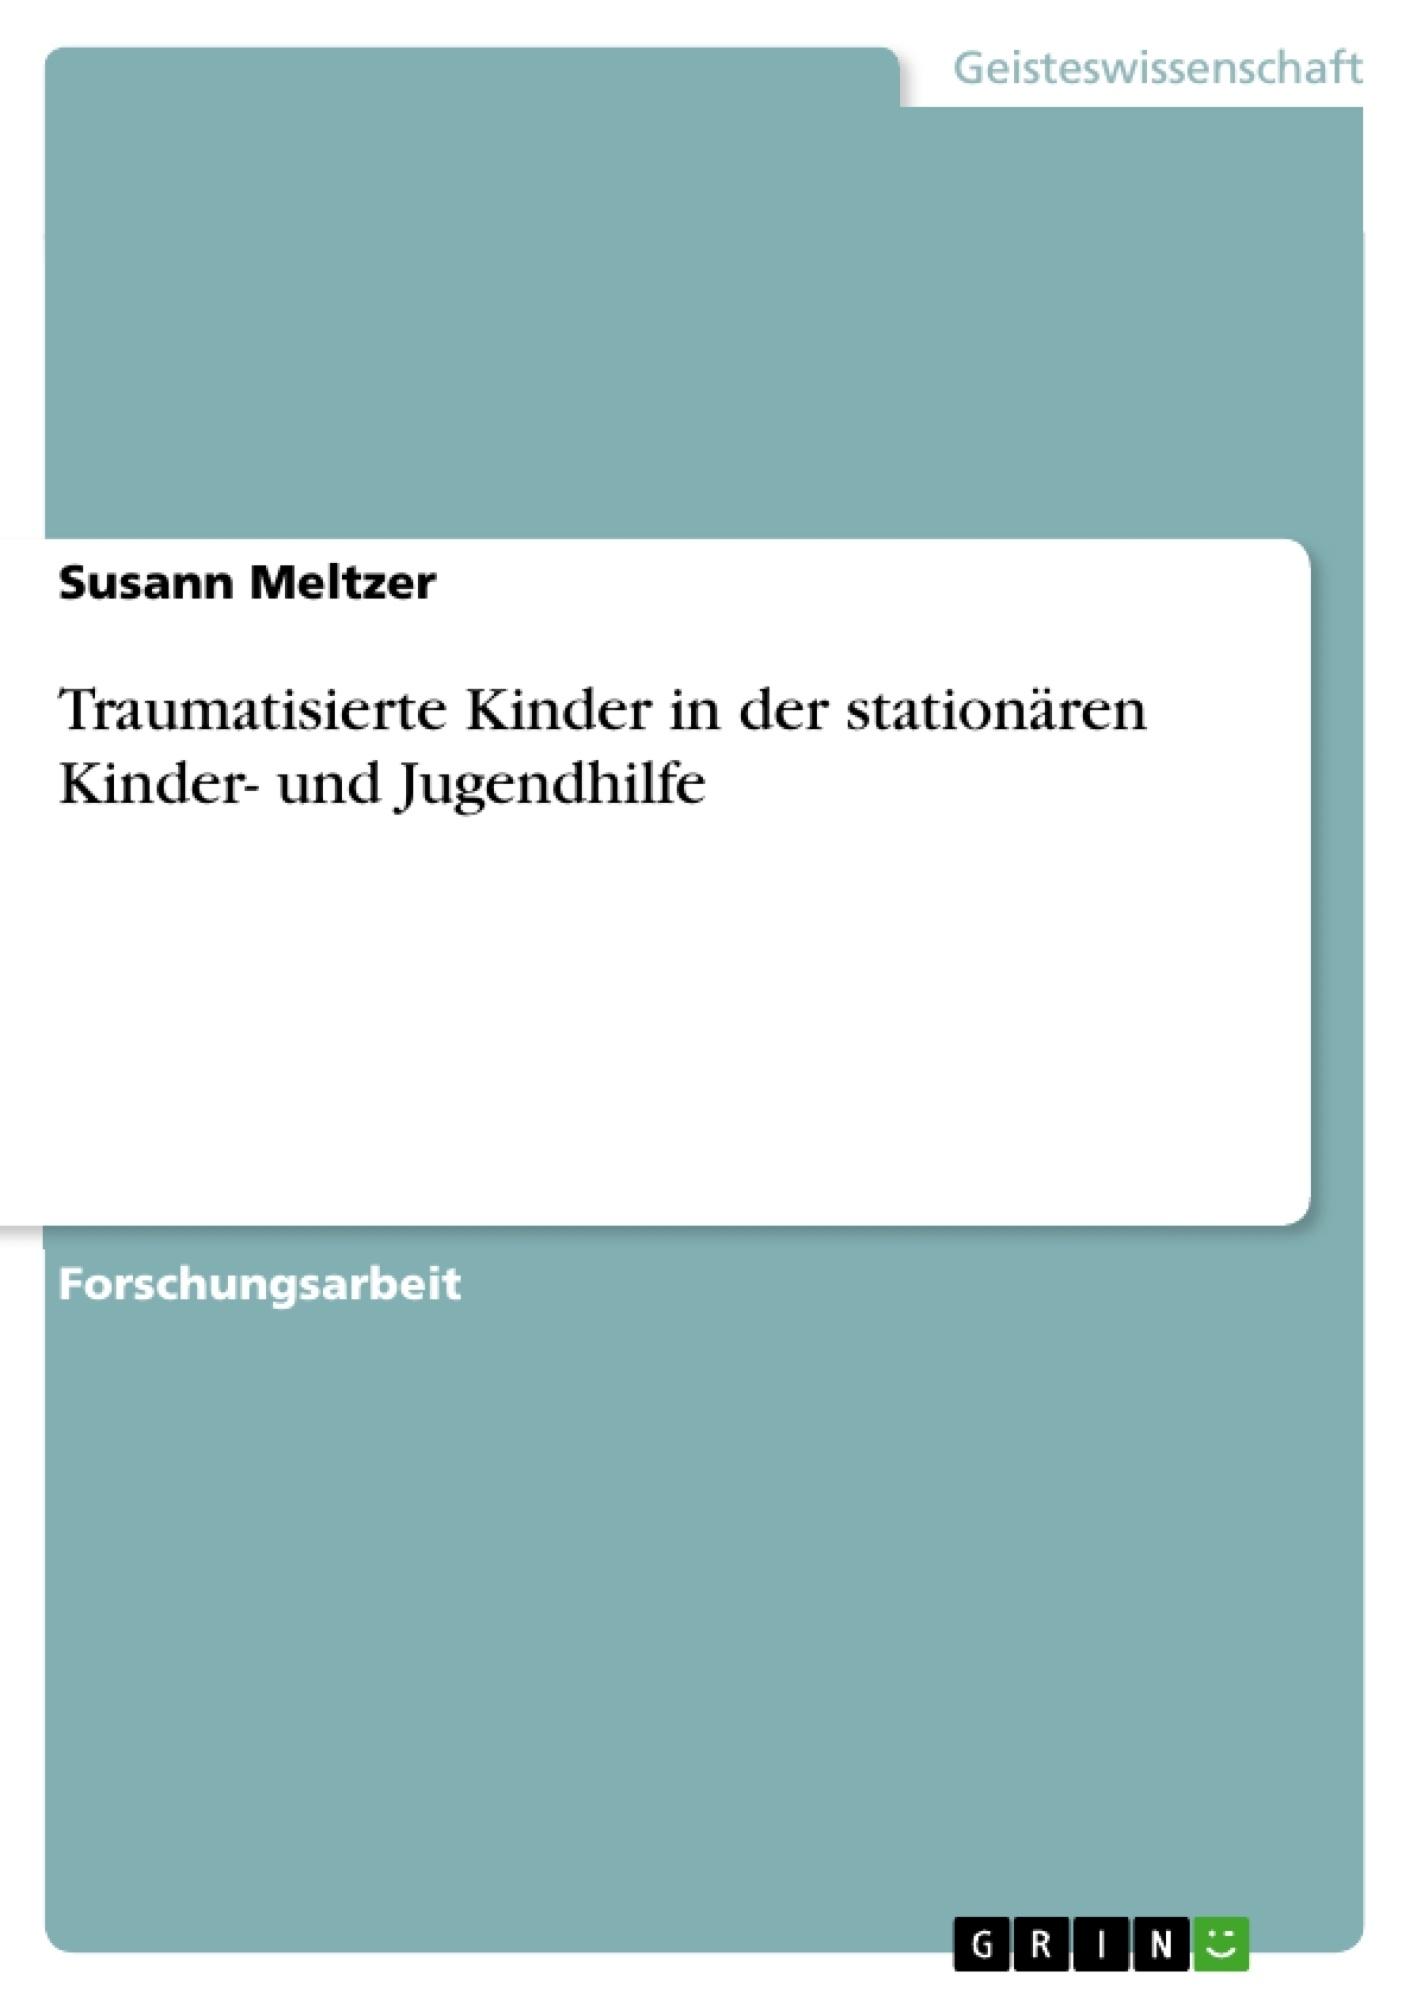 Titel: Traumatisierte Kinder in der stationären Kinder- und Jugendhilfe